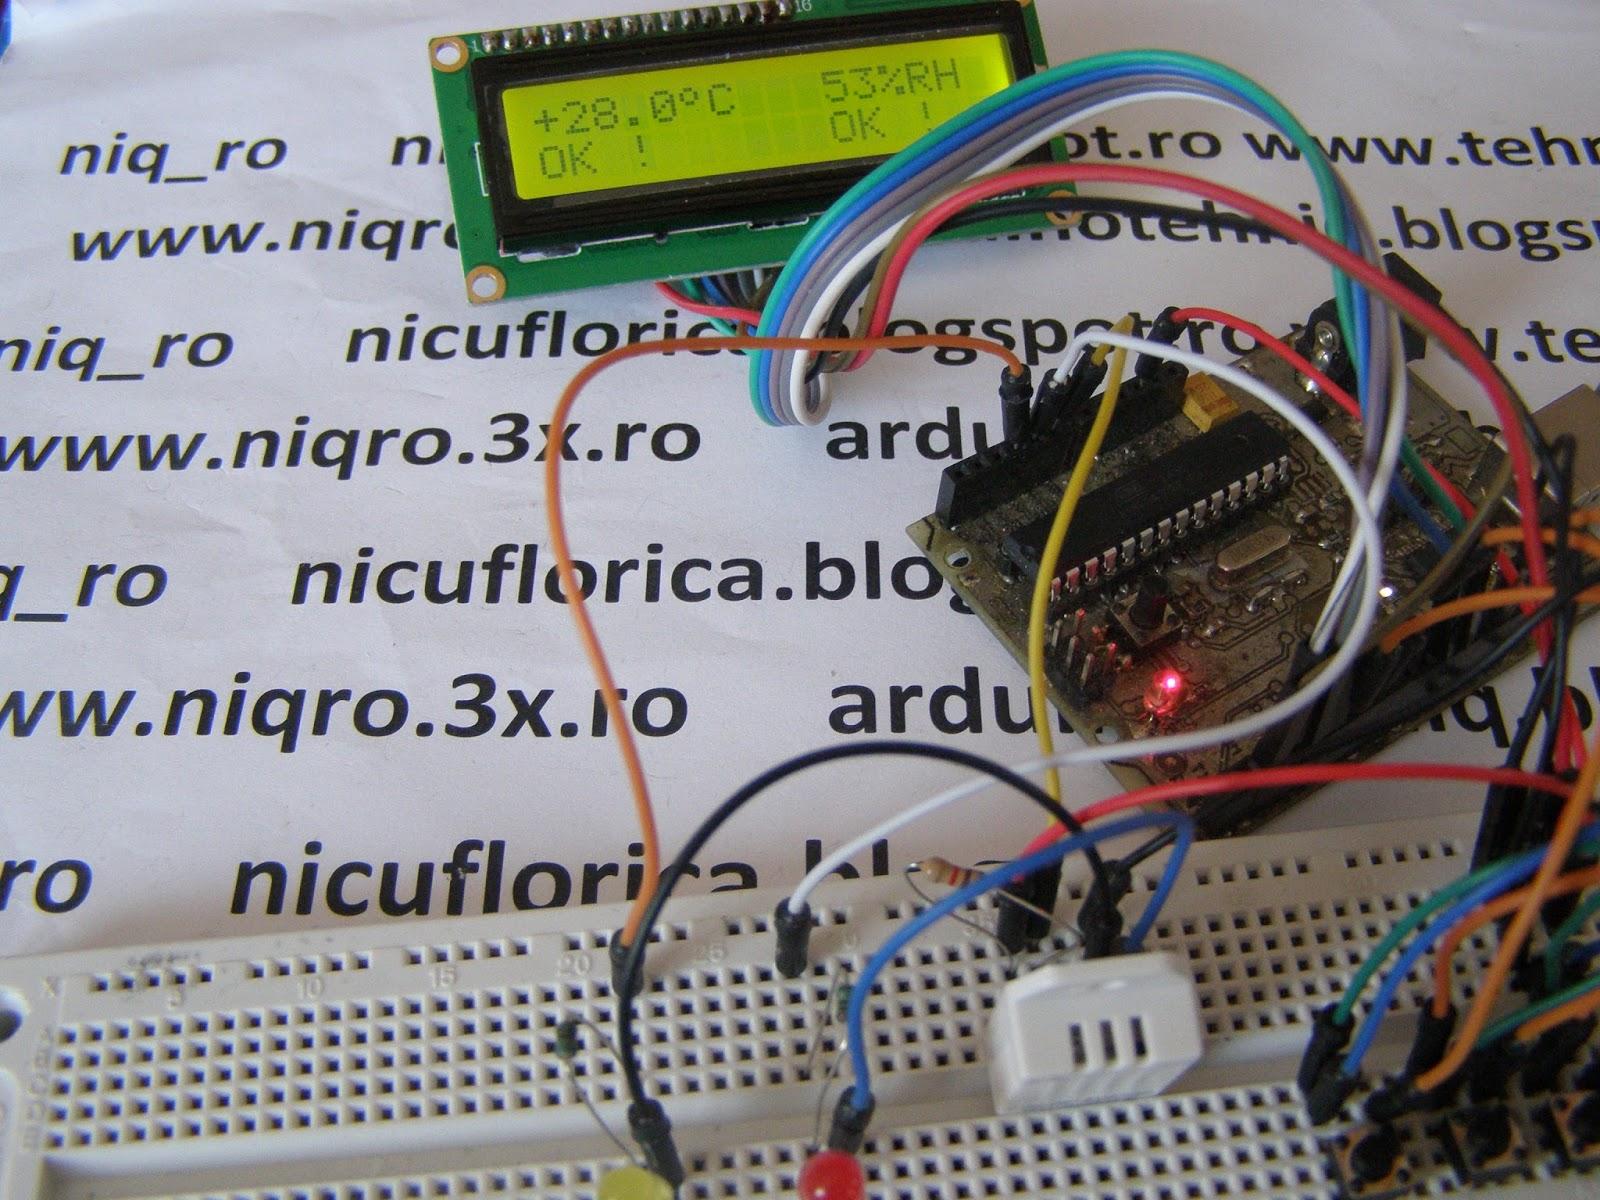 Nicu Florica Niq Ro August 2015 Circuit Pic16f628 Rf Remote Buton 433mhz Button Temperatura Si Umiditate In Parametrii Doriti Optim